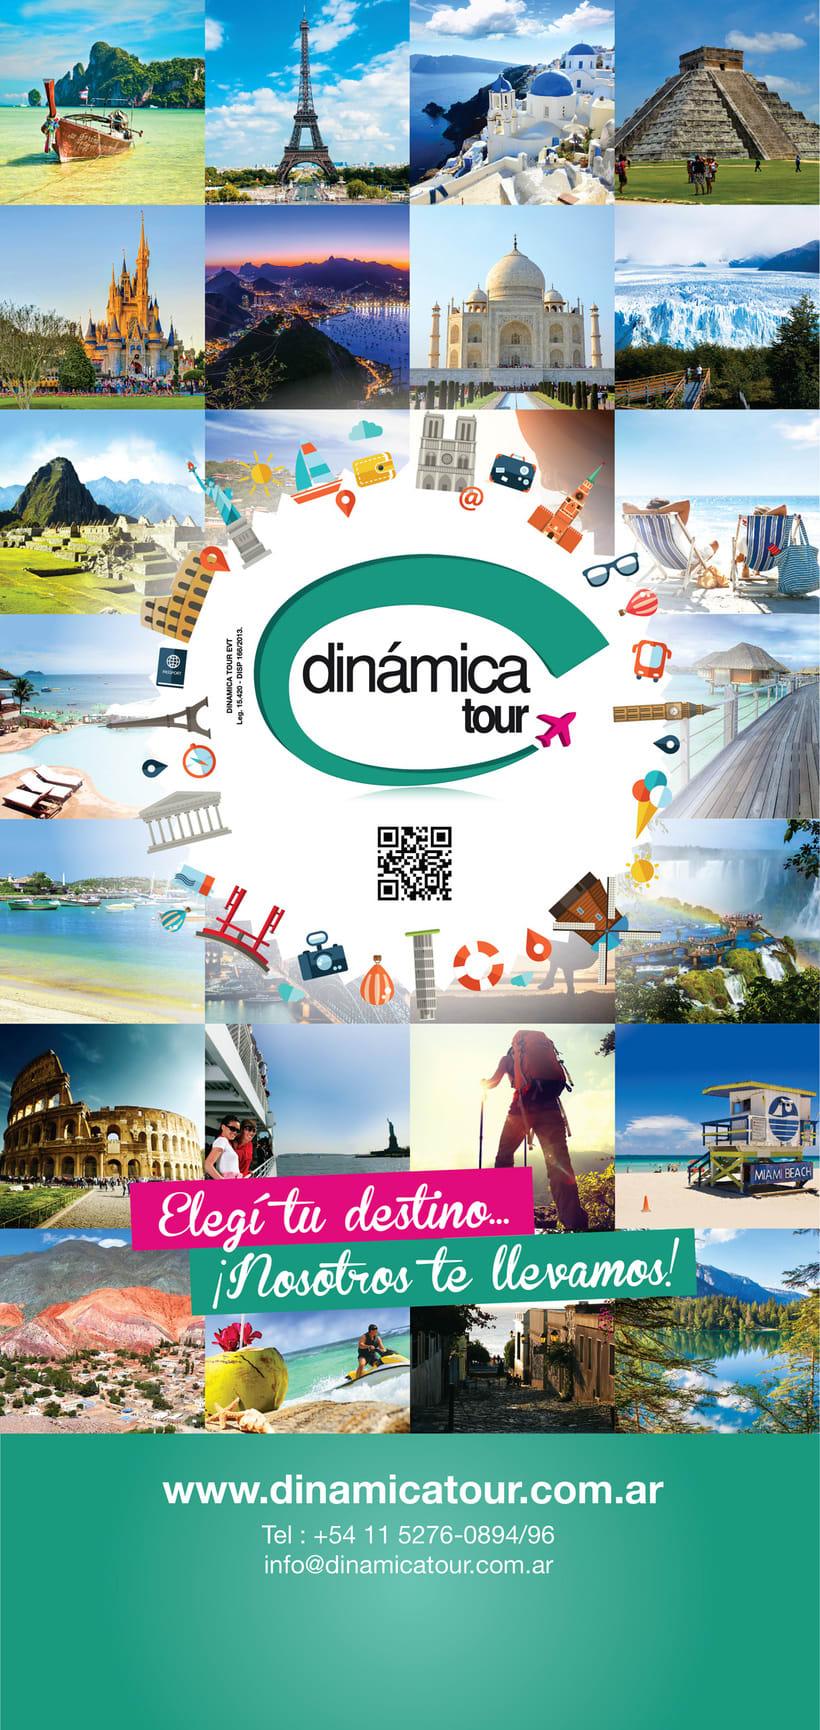 Banner de lona para Dinámica Tour -1